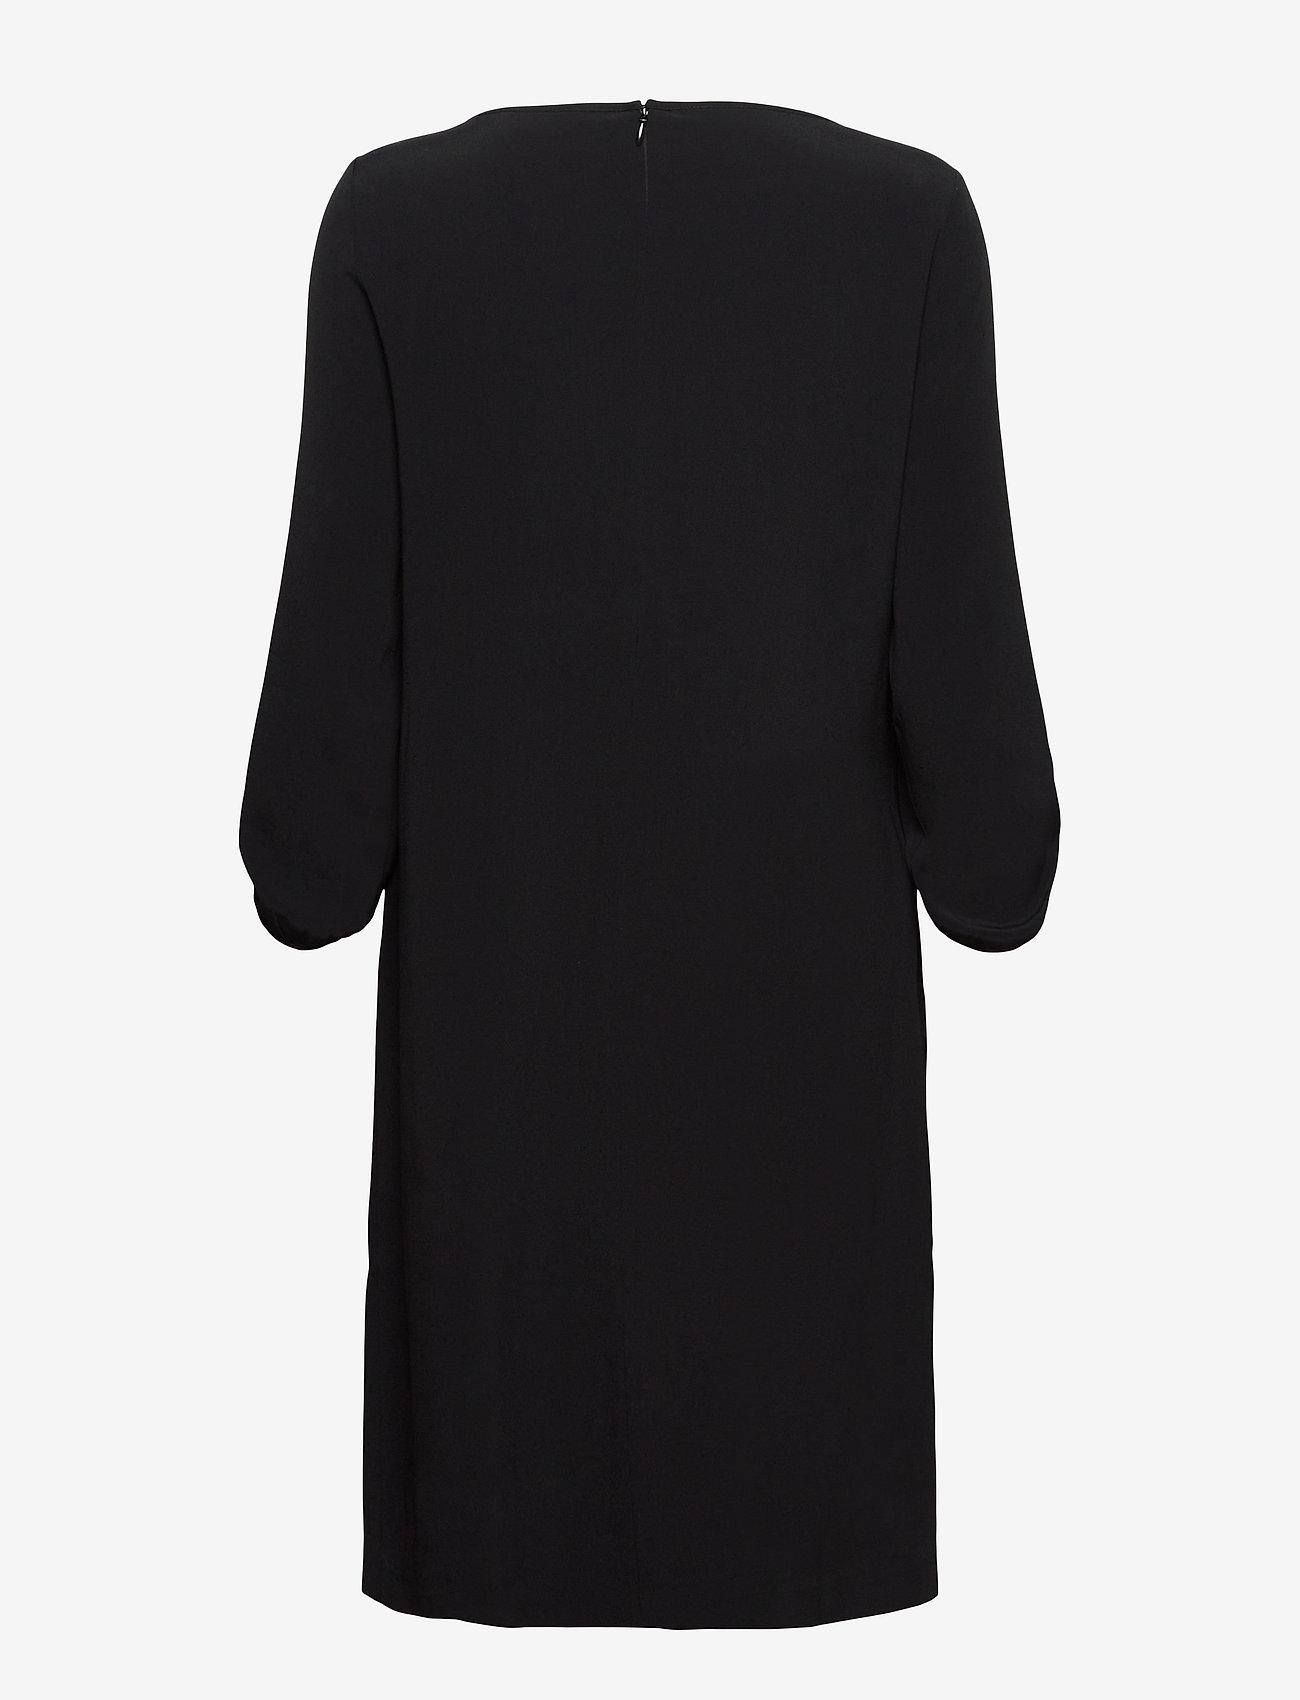 SAND - Crepe Satin Back - Ellie - robes de jour - black - 1